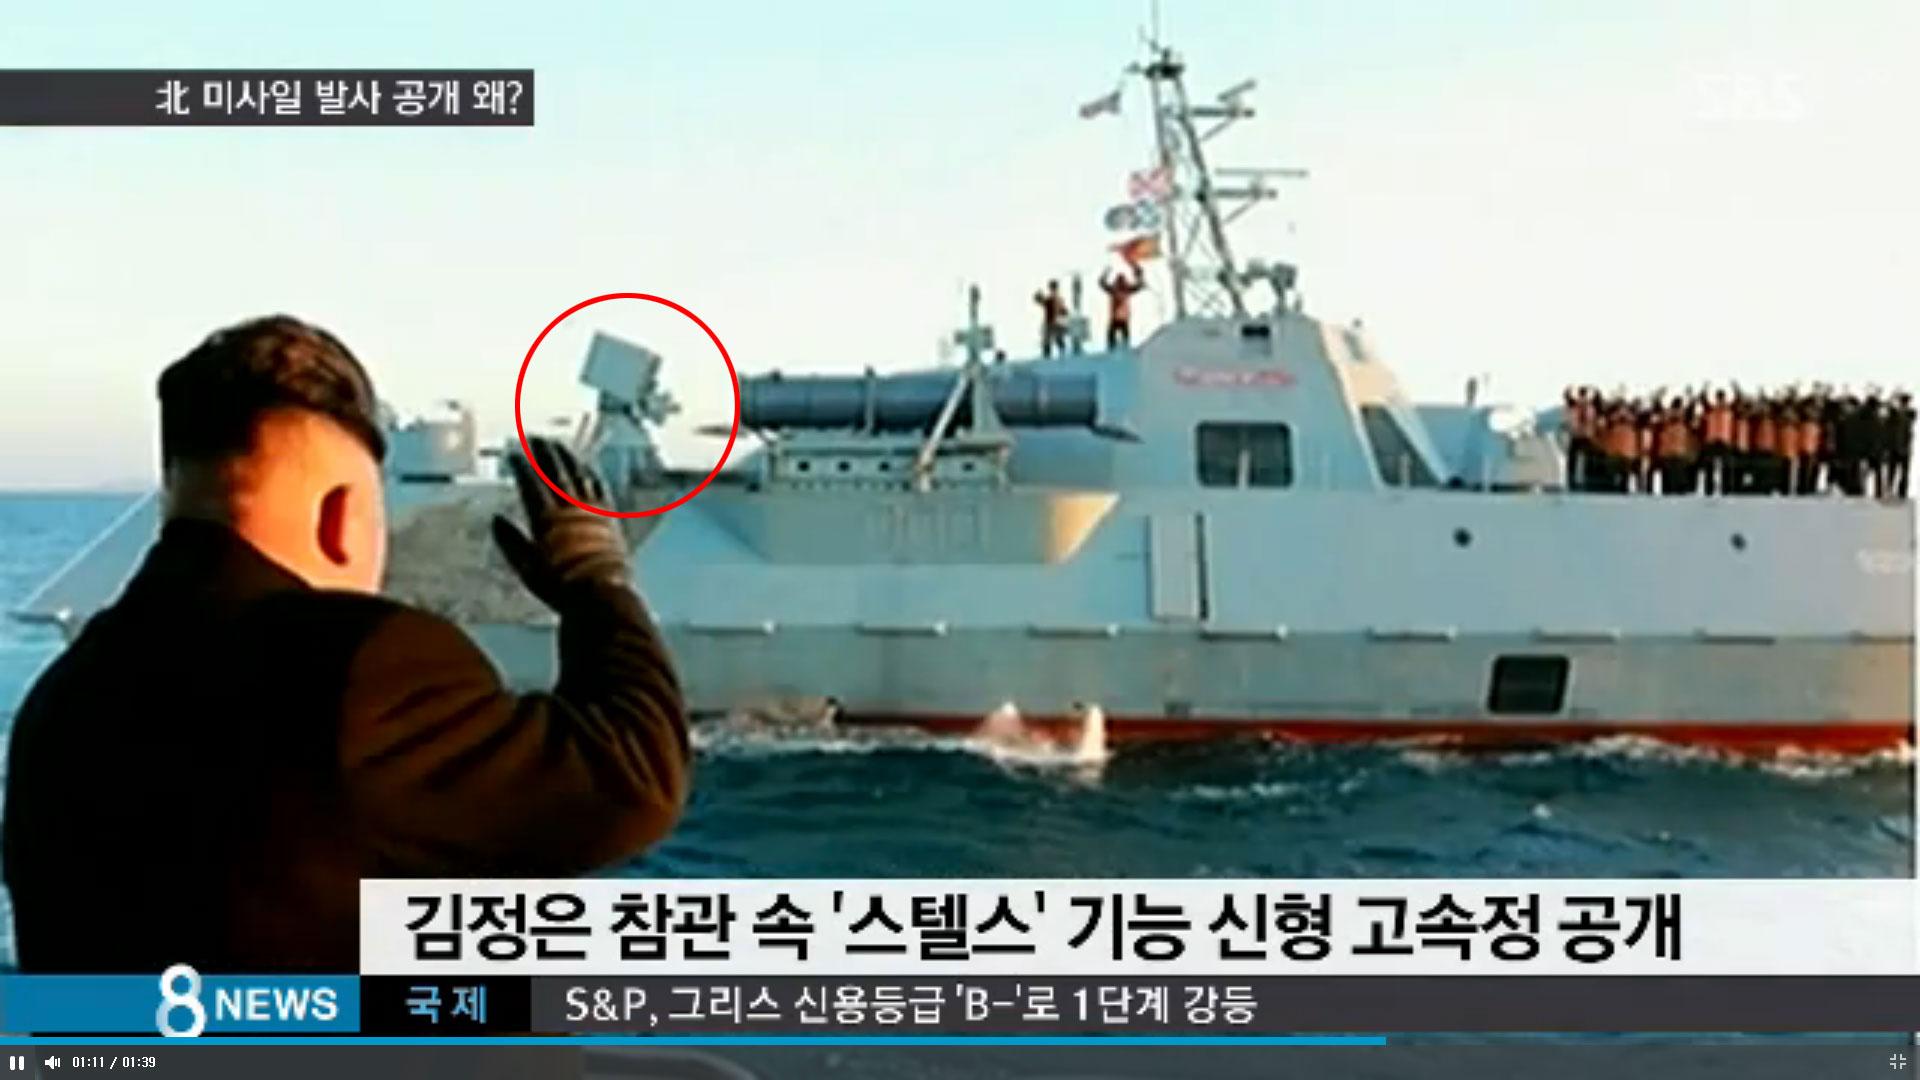 이제는 대공미사일까지 장착한 북한 고속정